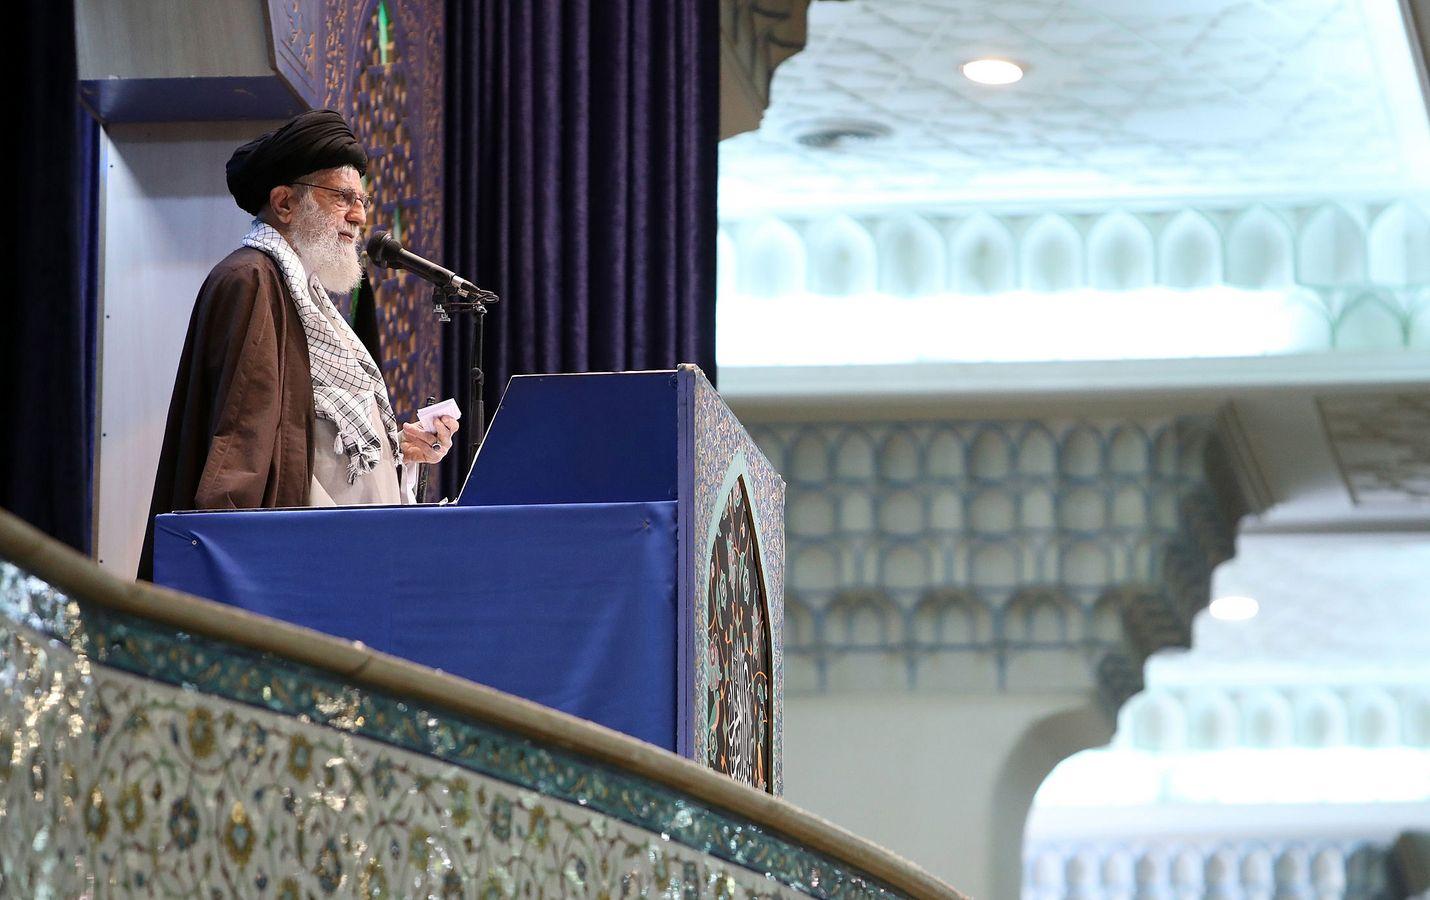 Iranin ylin johtaja ajatollah Ali Khamenei johti perjantairukousta ensimmäistä kertaa kahdeksaan vuoteen Iranin pääkaupungissa Teheranissa viikonloppuna.